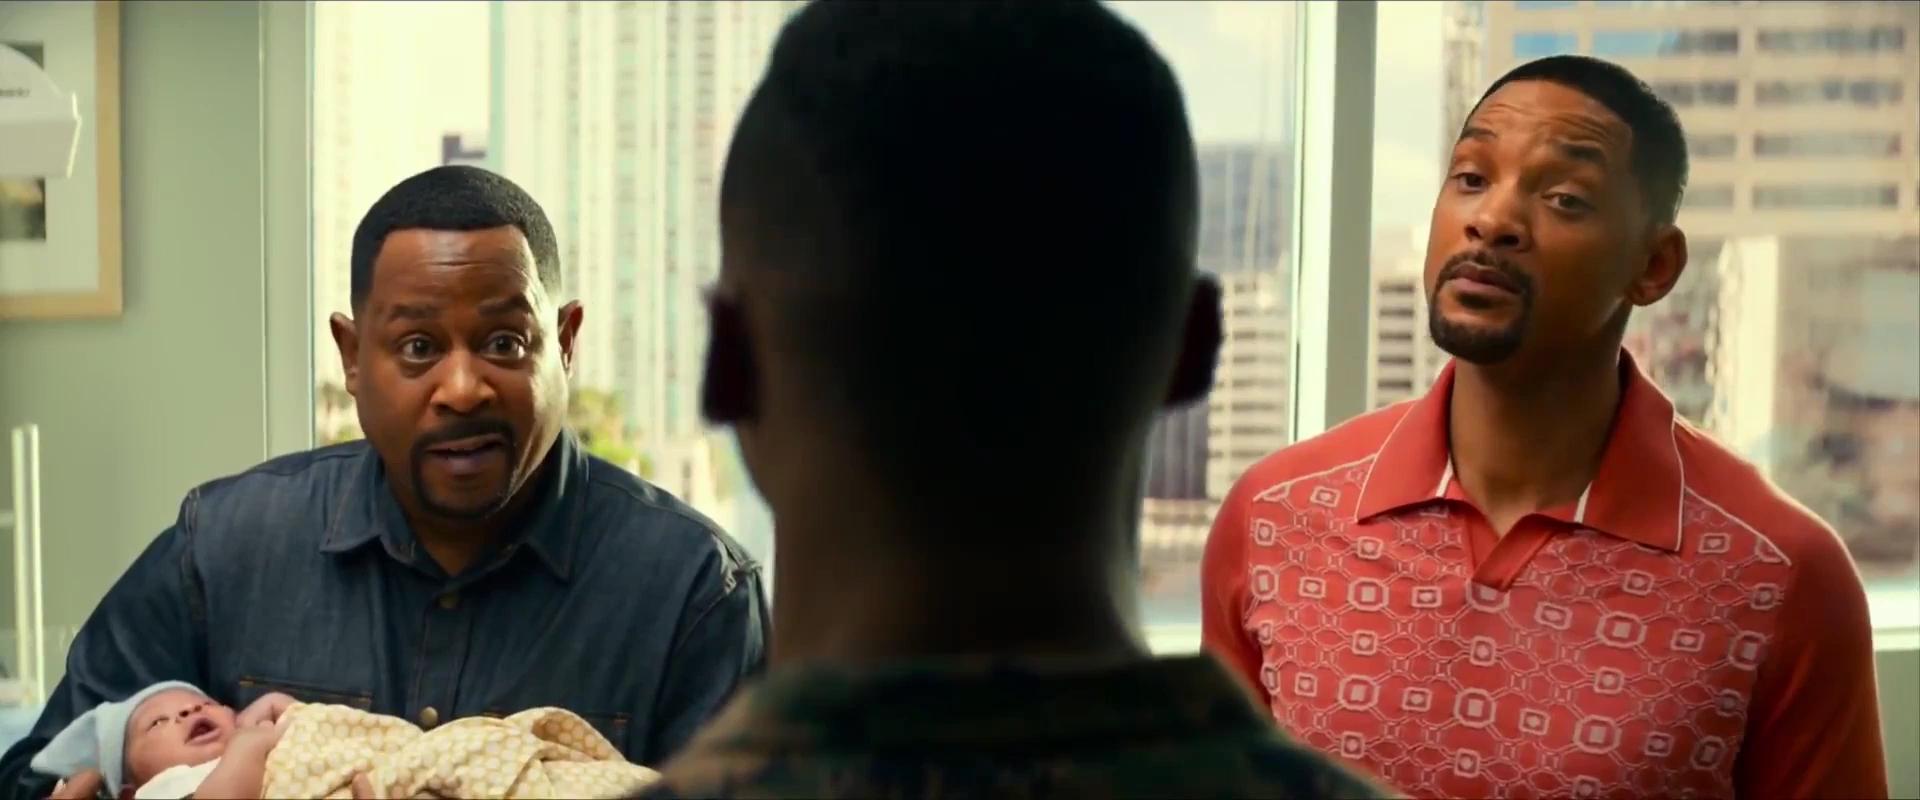 Плохие парни навсегда (2020) WEB-DLRip 1080p   WestFilm